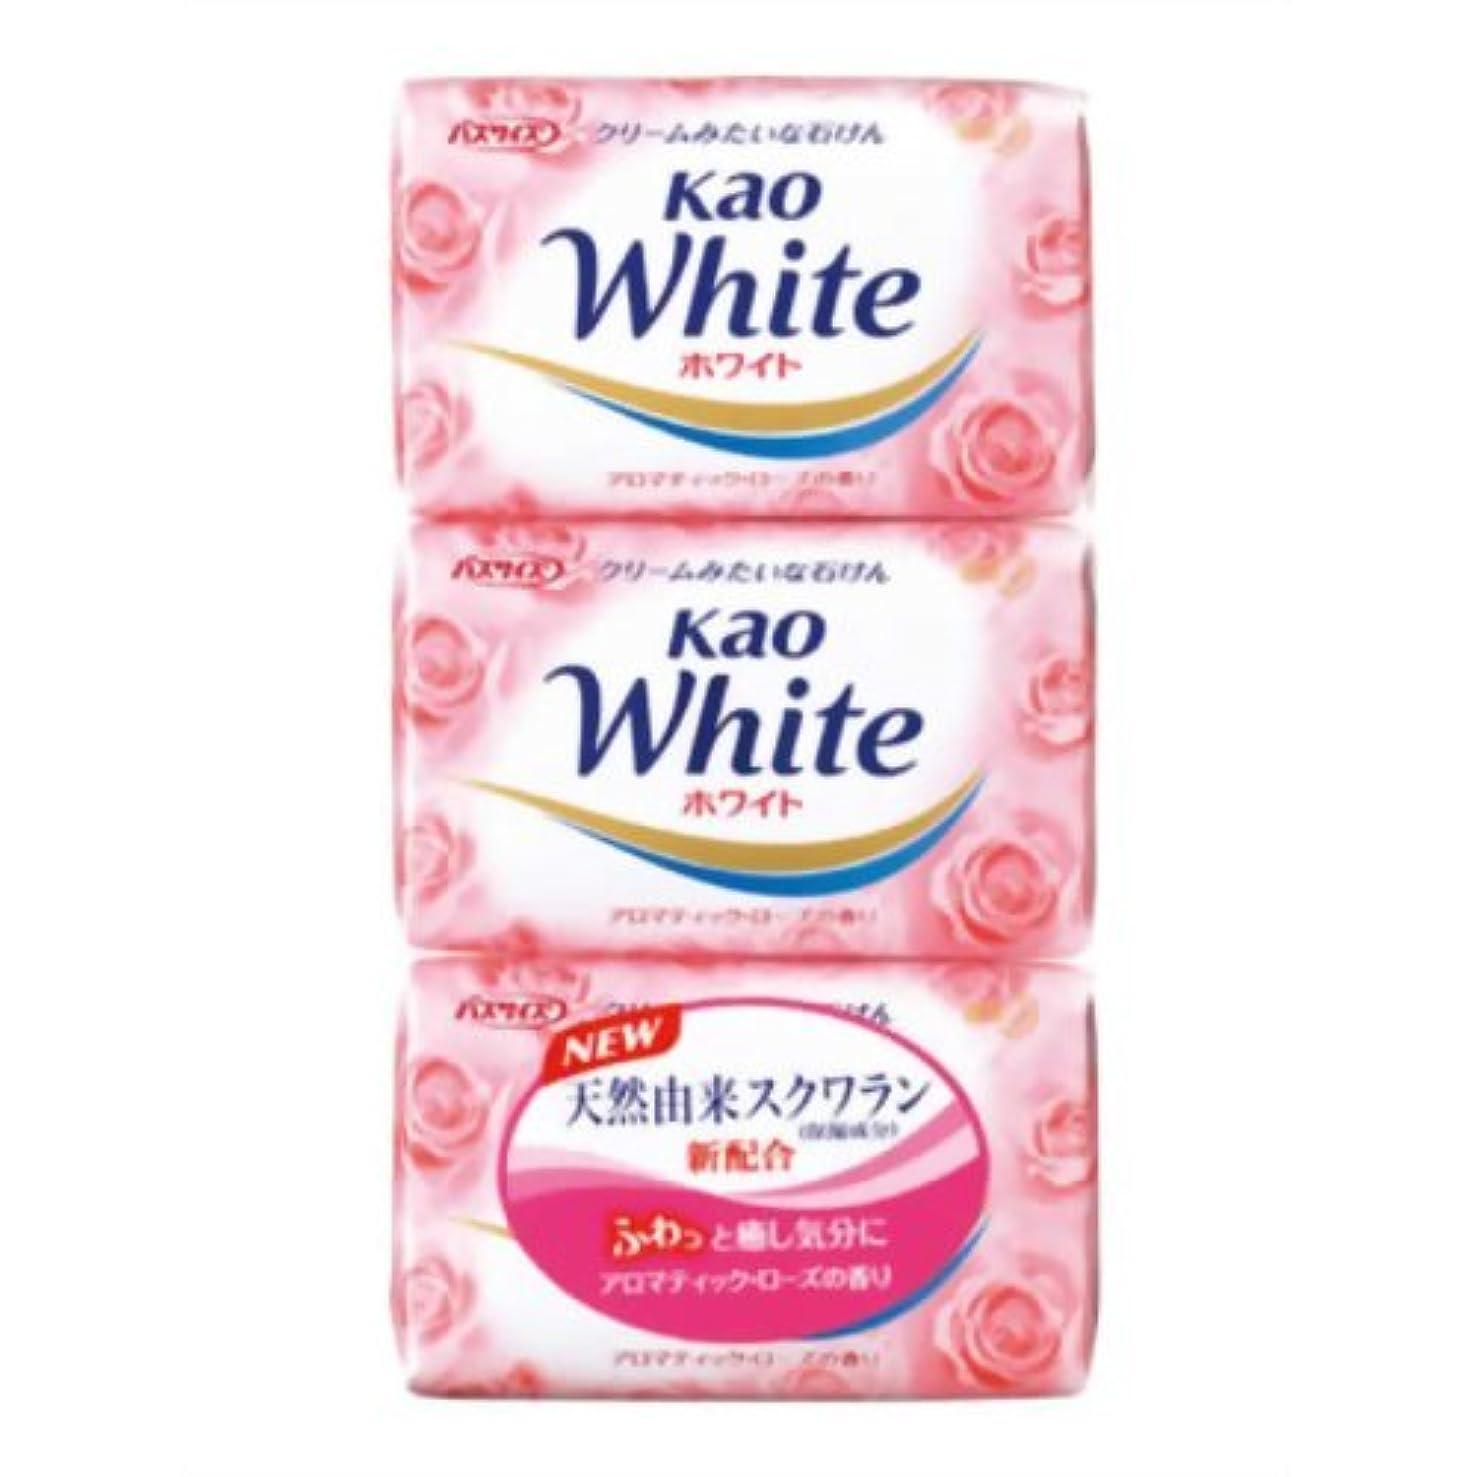 スローガン喉頭怖い花王ホワイト アロマティックローズの香り バスサイズ 130g*3個入